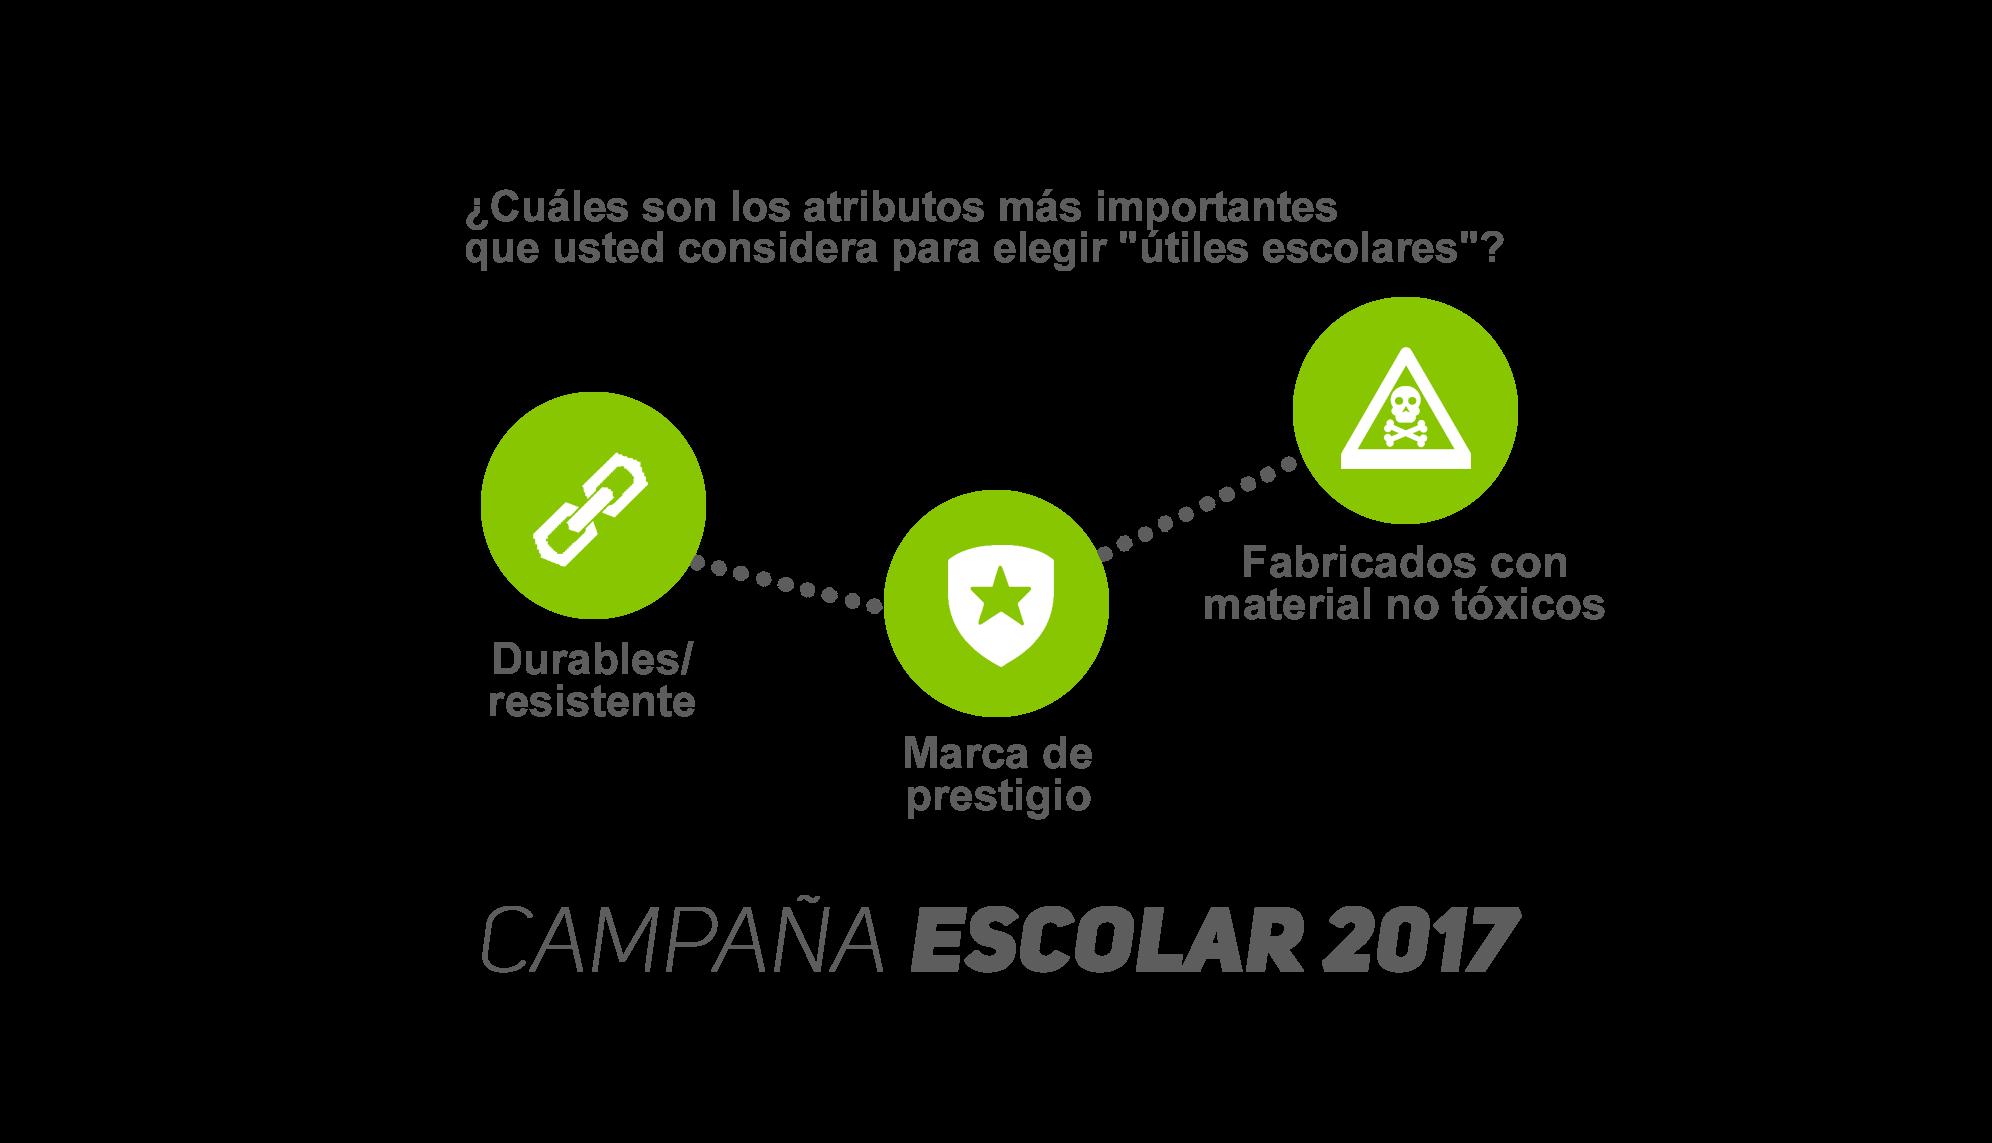 Campaña Escolar 2017